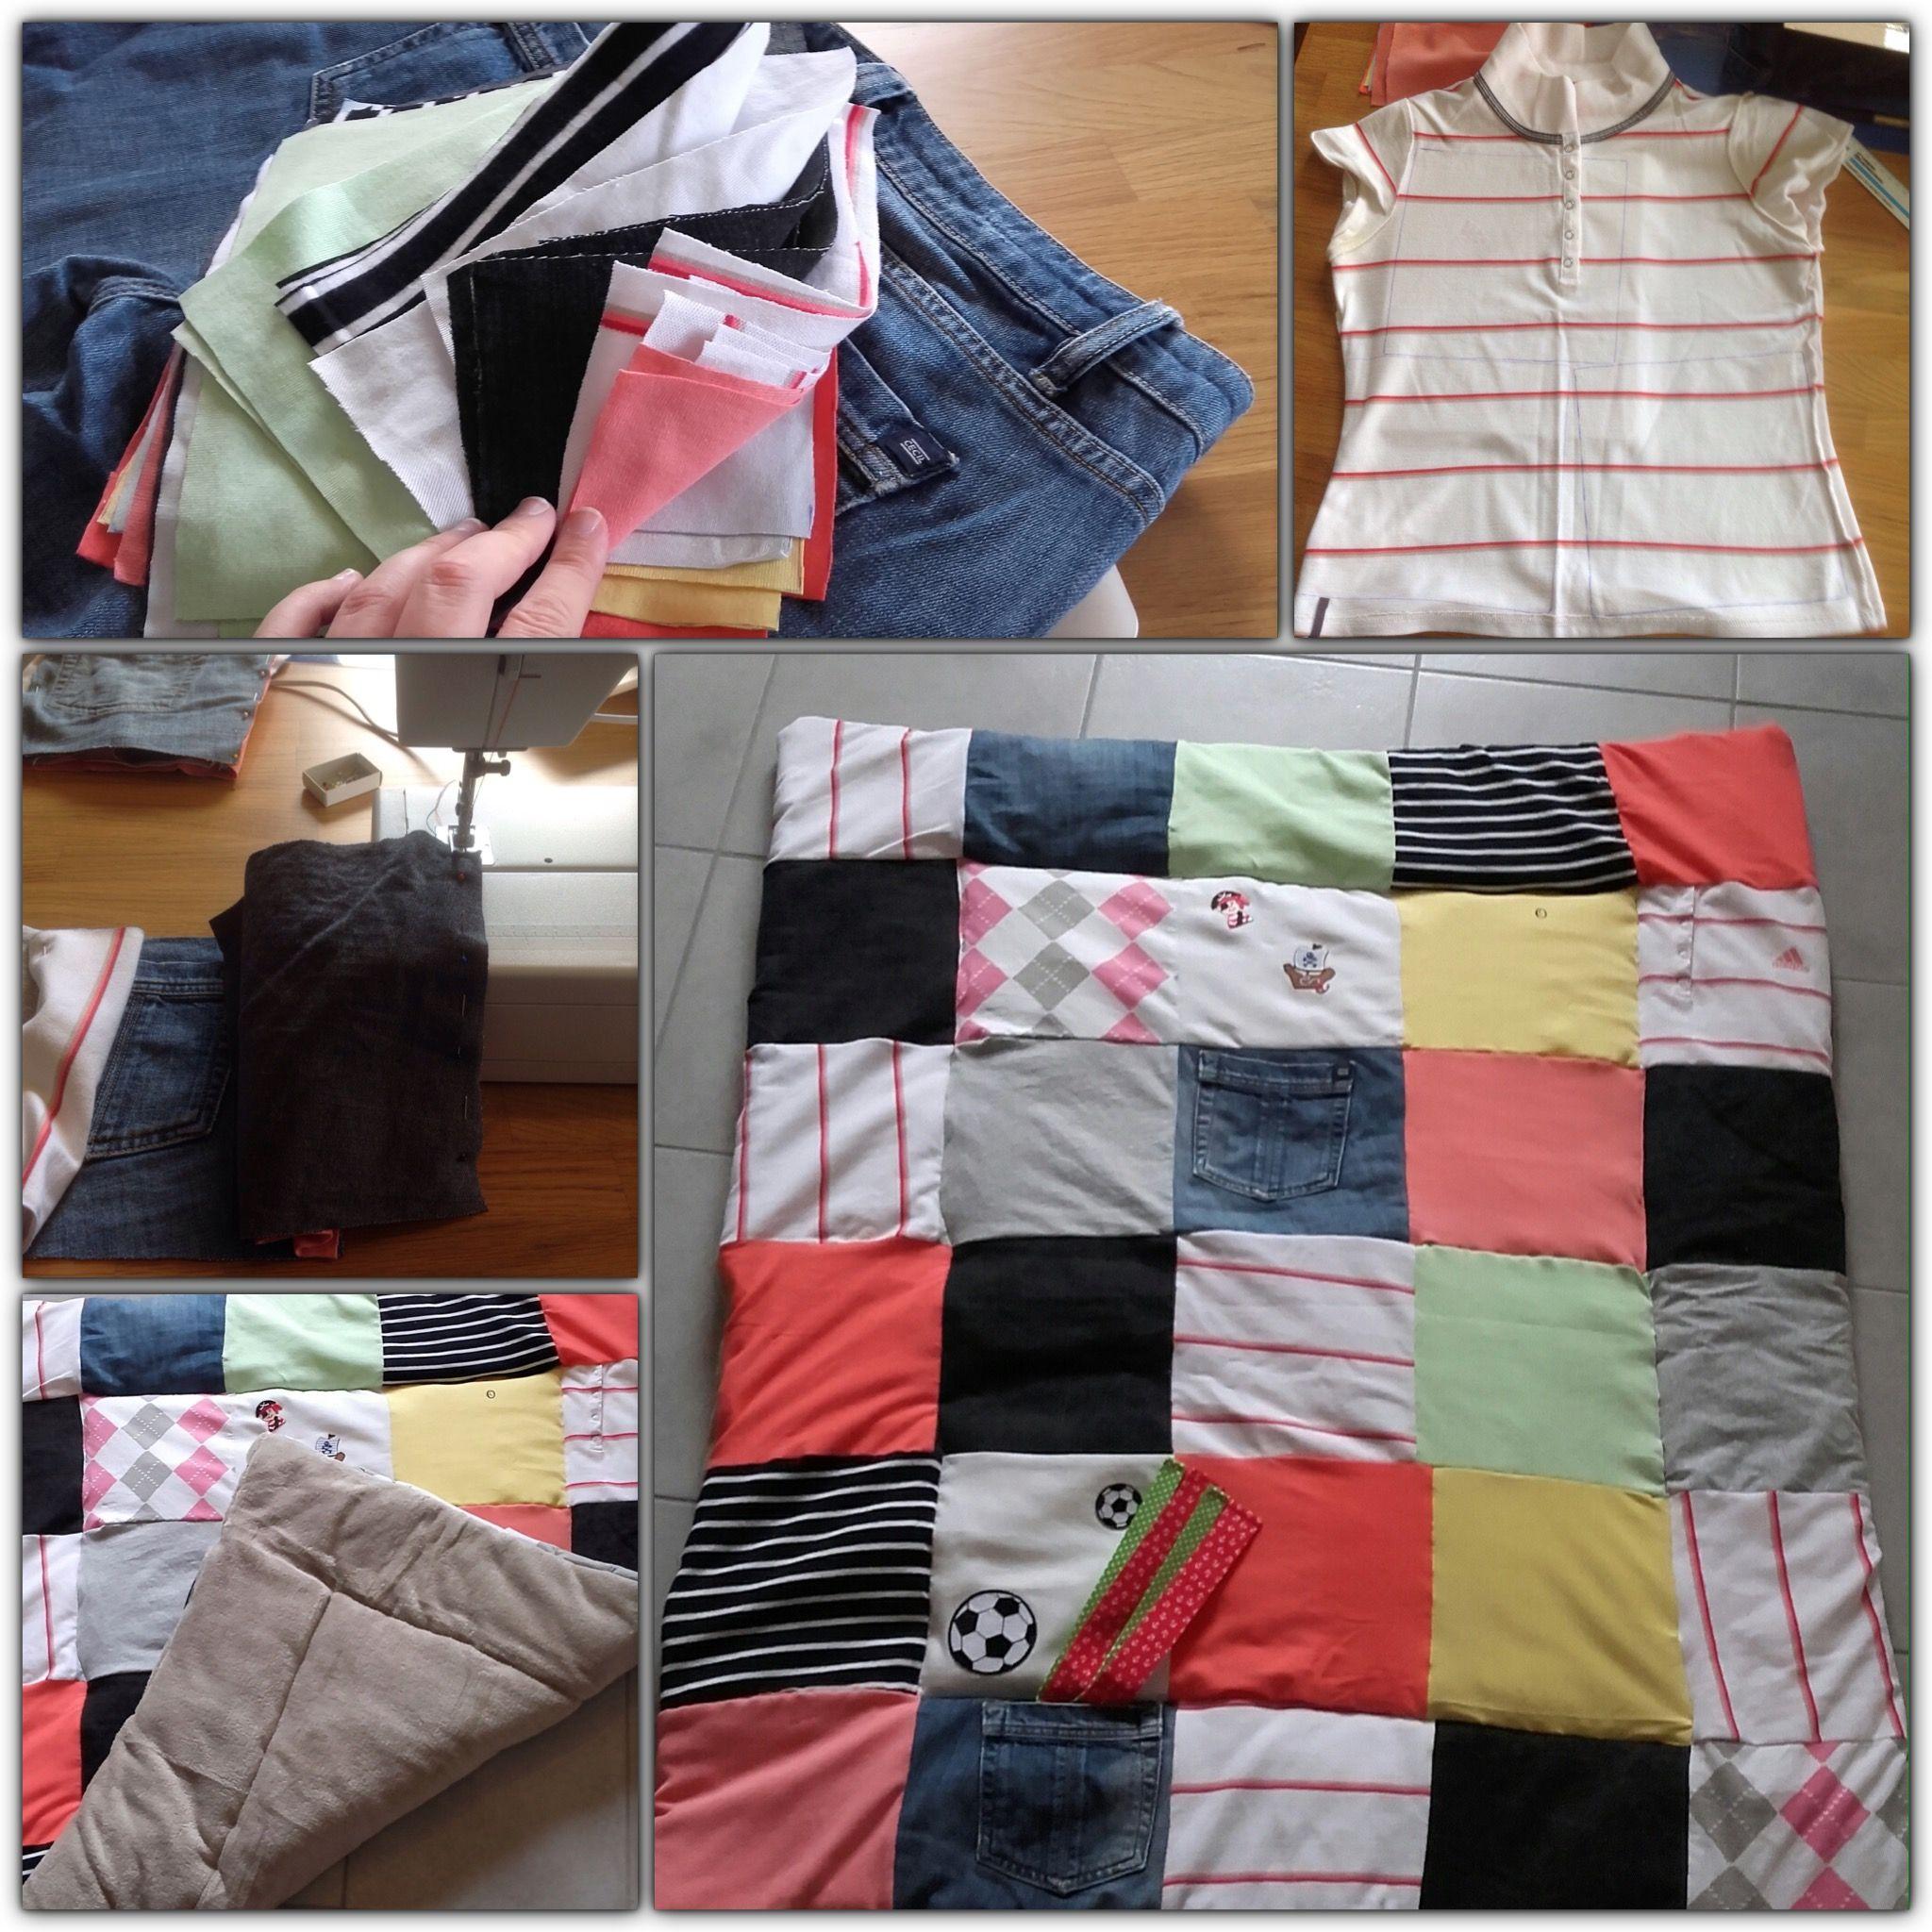 Krabbeldecke/ Patchwork Decke aus alt mach neu -> meine alten T Shirts und Hosen